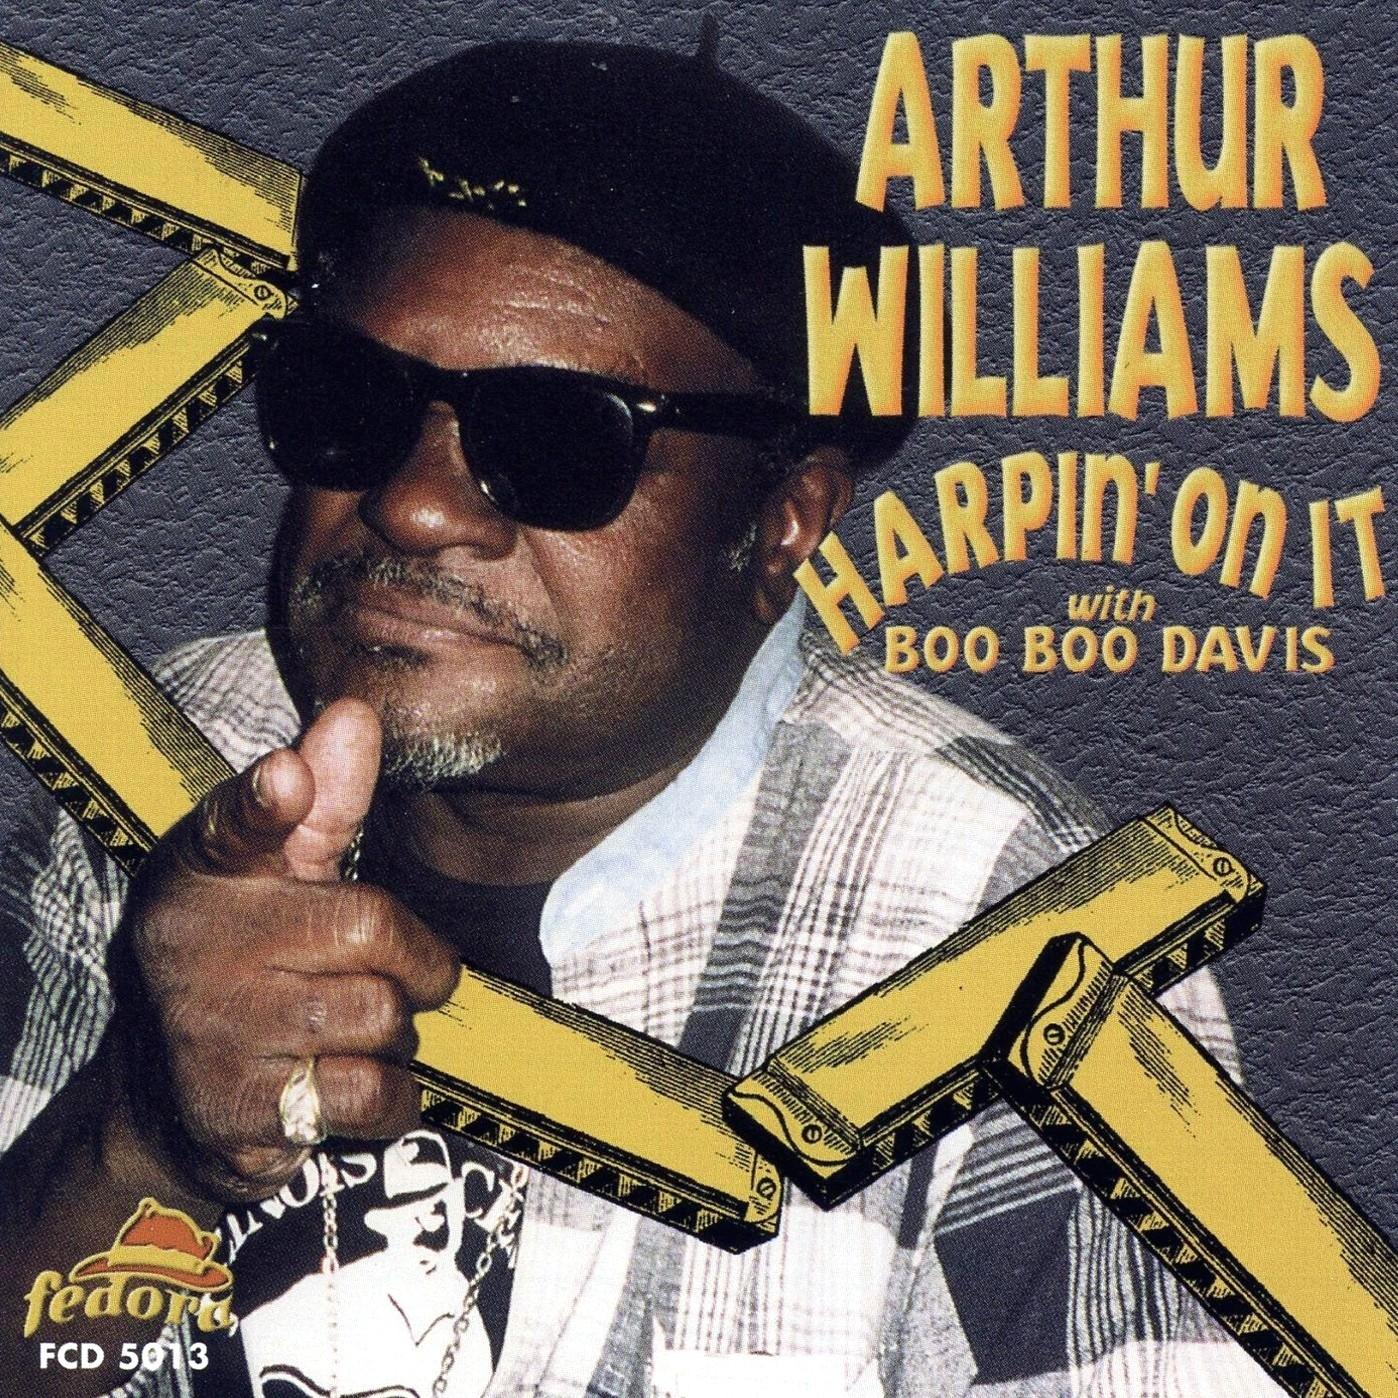 Arthur Williams Williams. Harpin On It